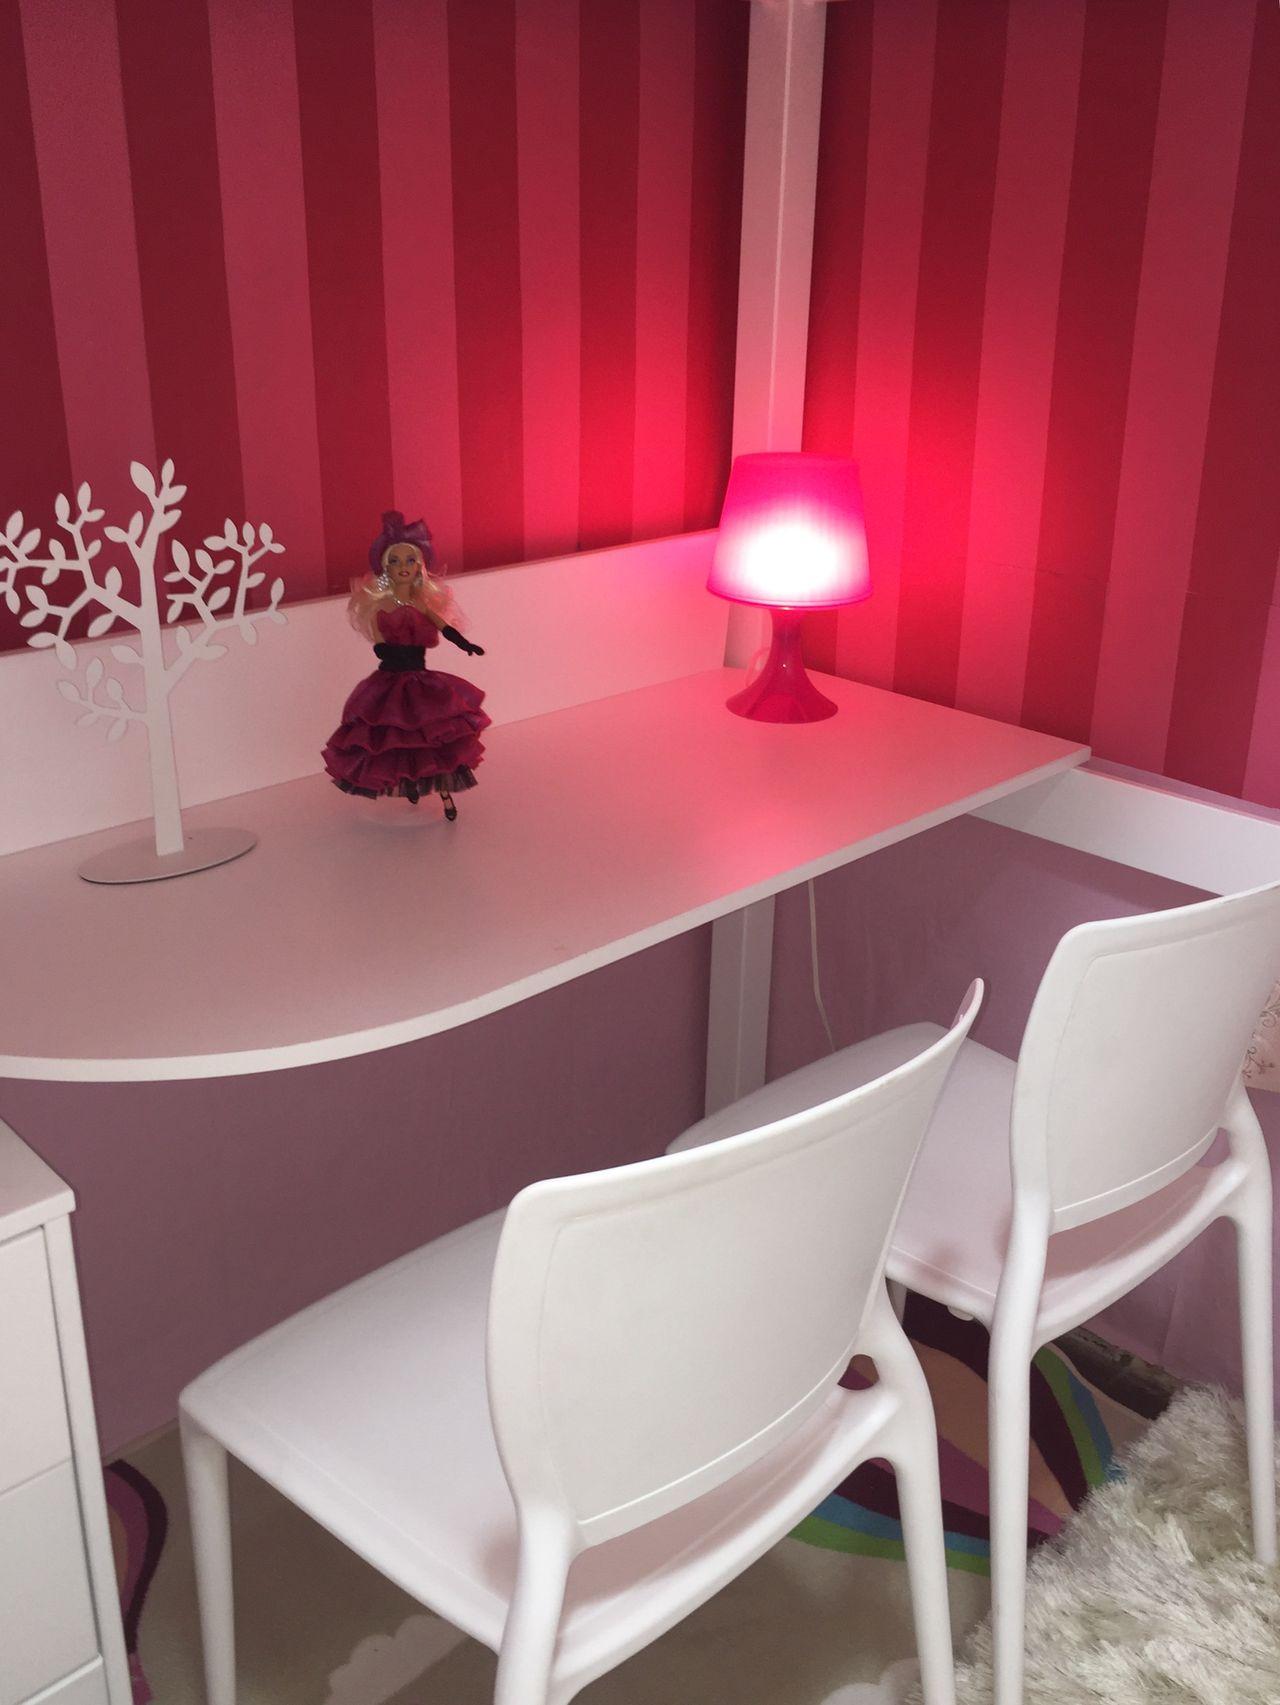 Quarto Com Mesa Branca E Abajur Pequeno Rosa De Brunete Fraccaroli